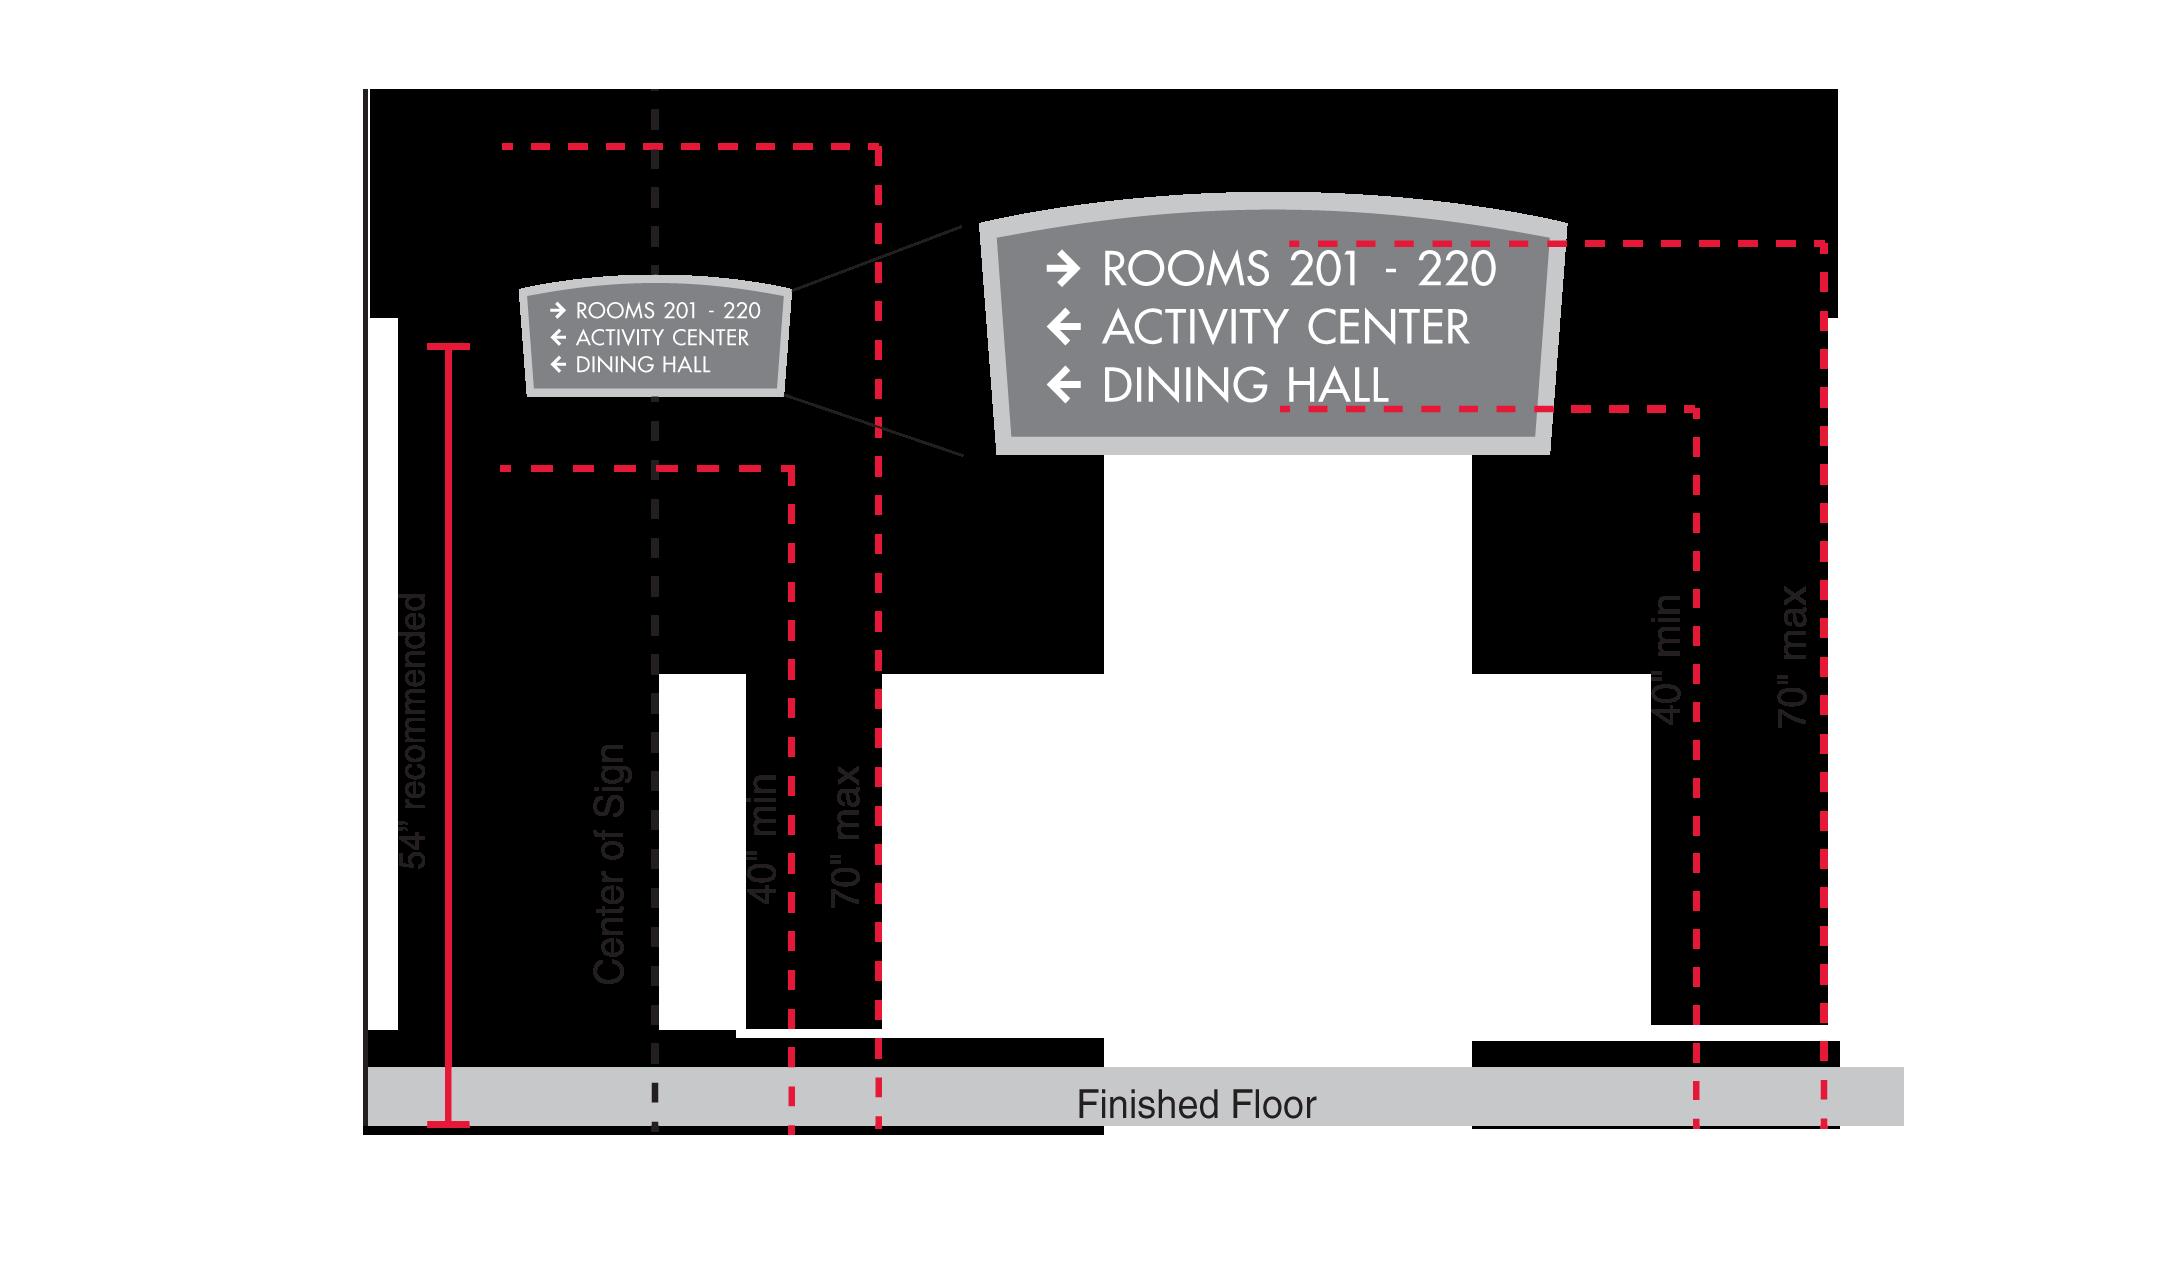 Peephole Door Height & Average Height Of Door Standard ... |Door Peephole Height Standard